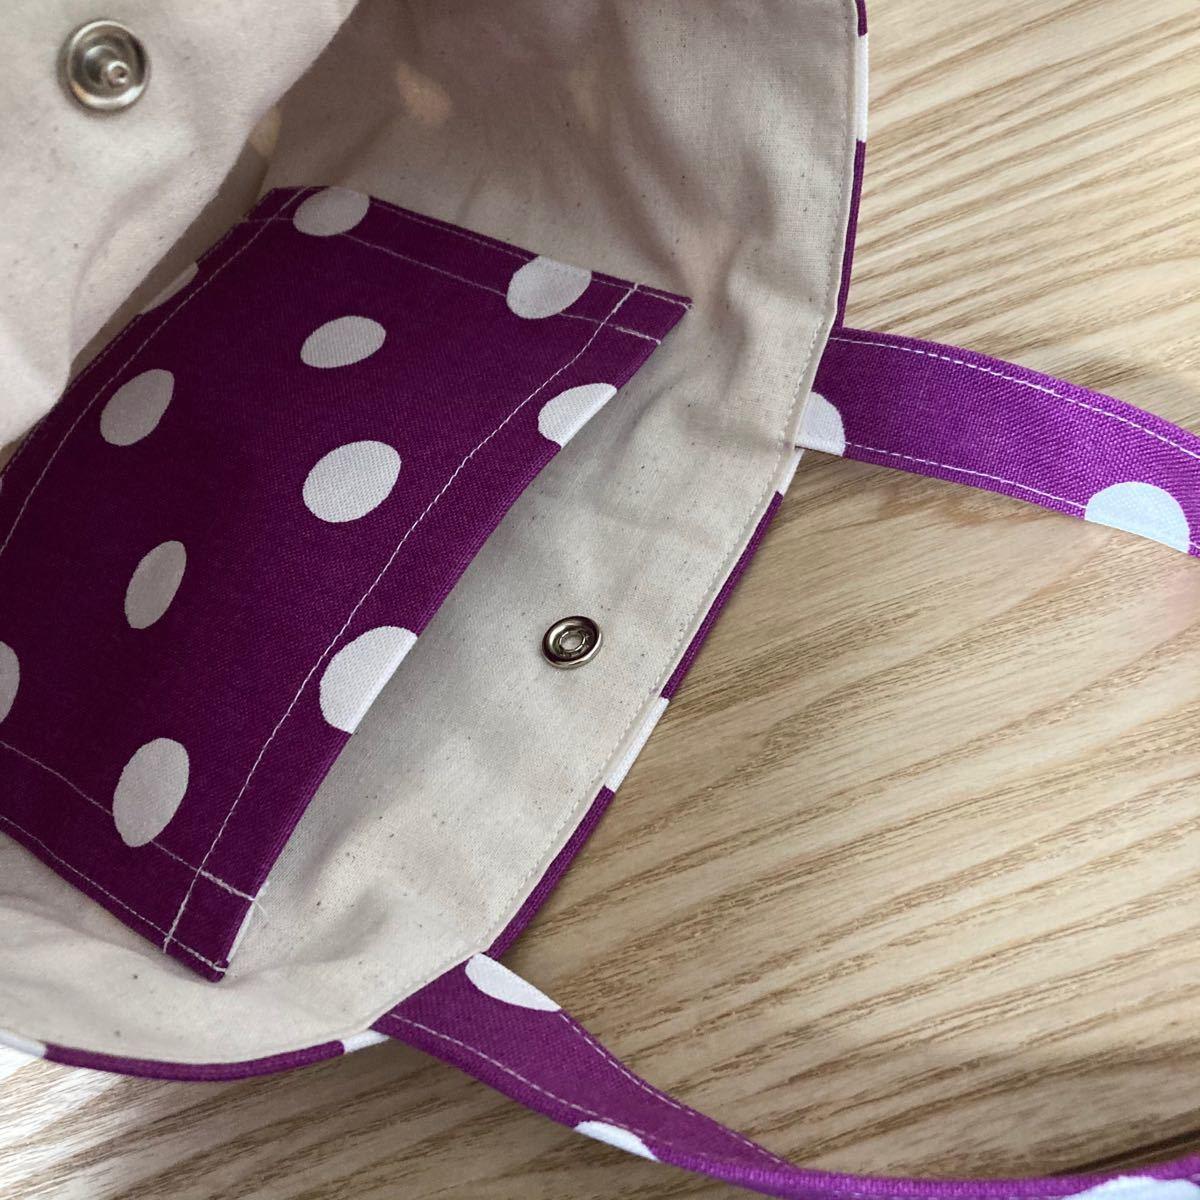 ハンドメイド 11号帆布 ミニトートバッグ ランチバッグ ドット 紫